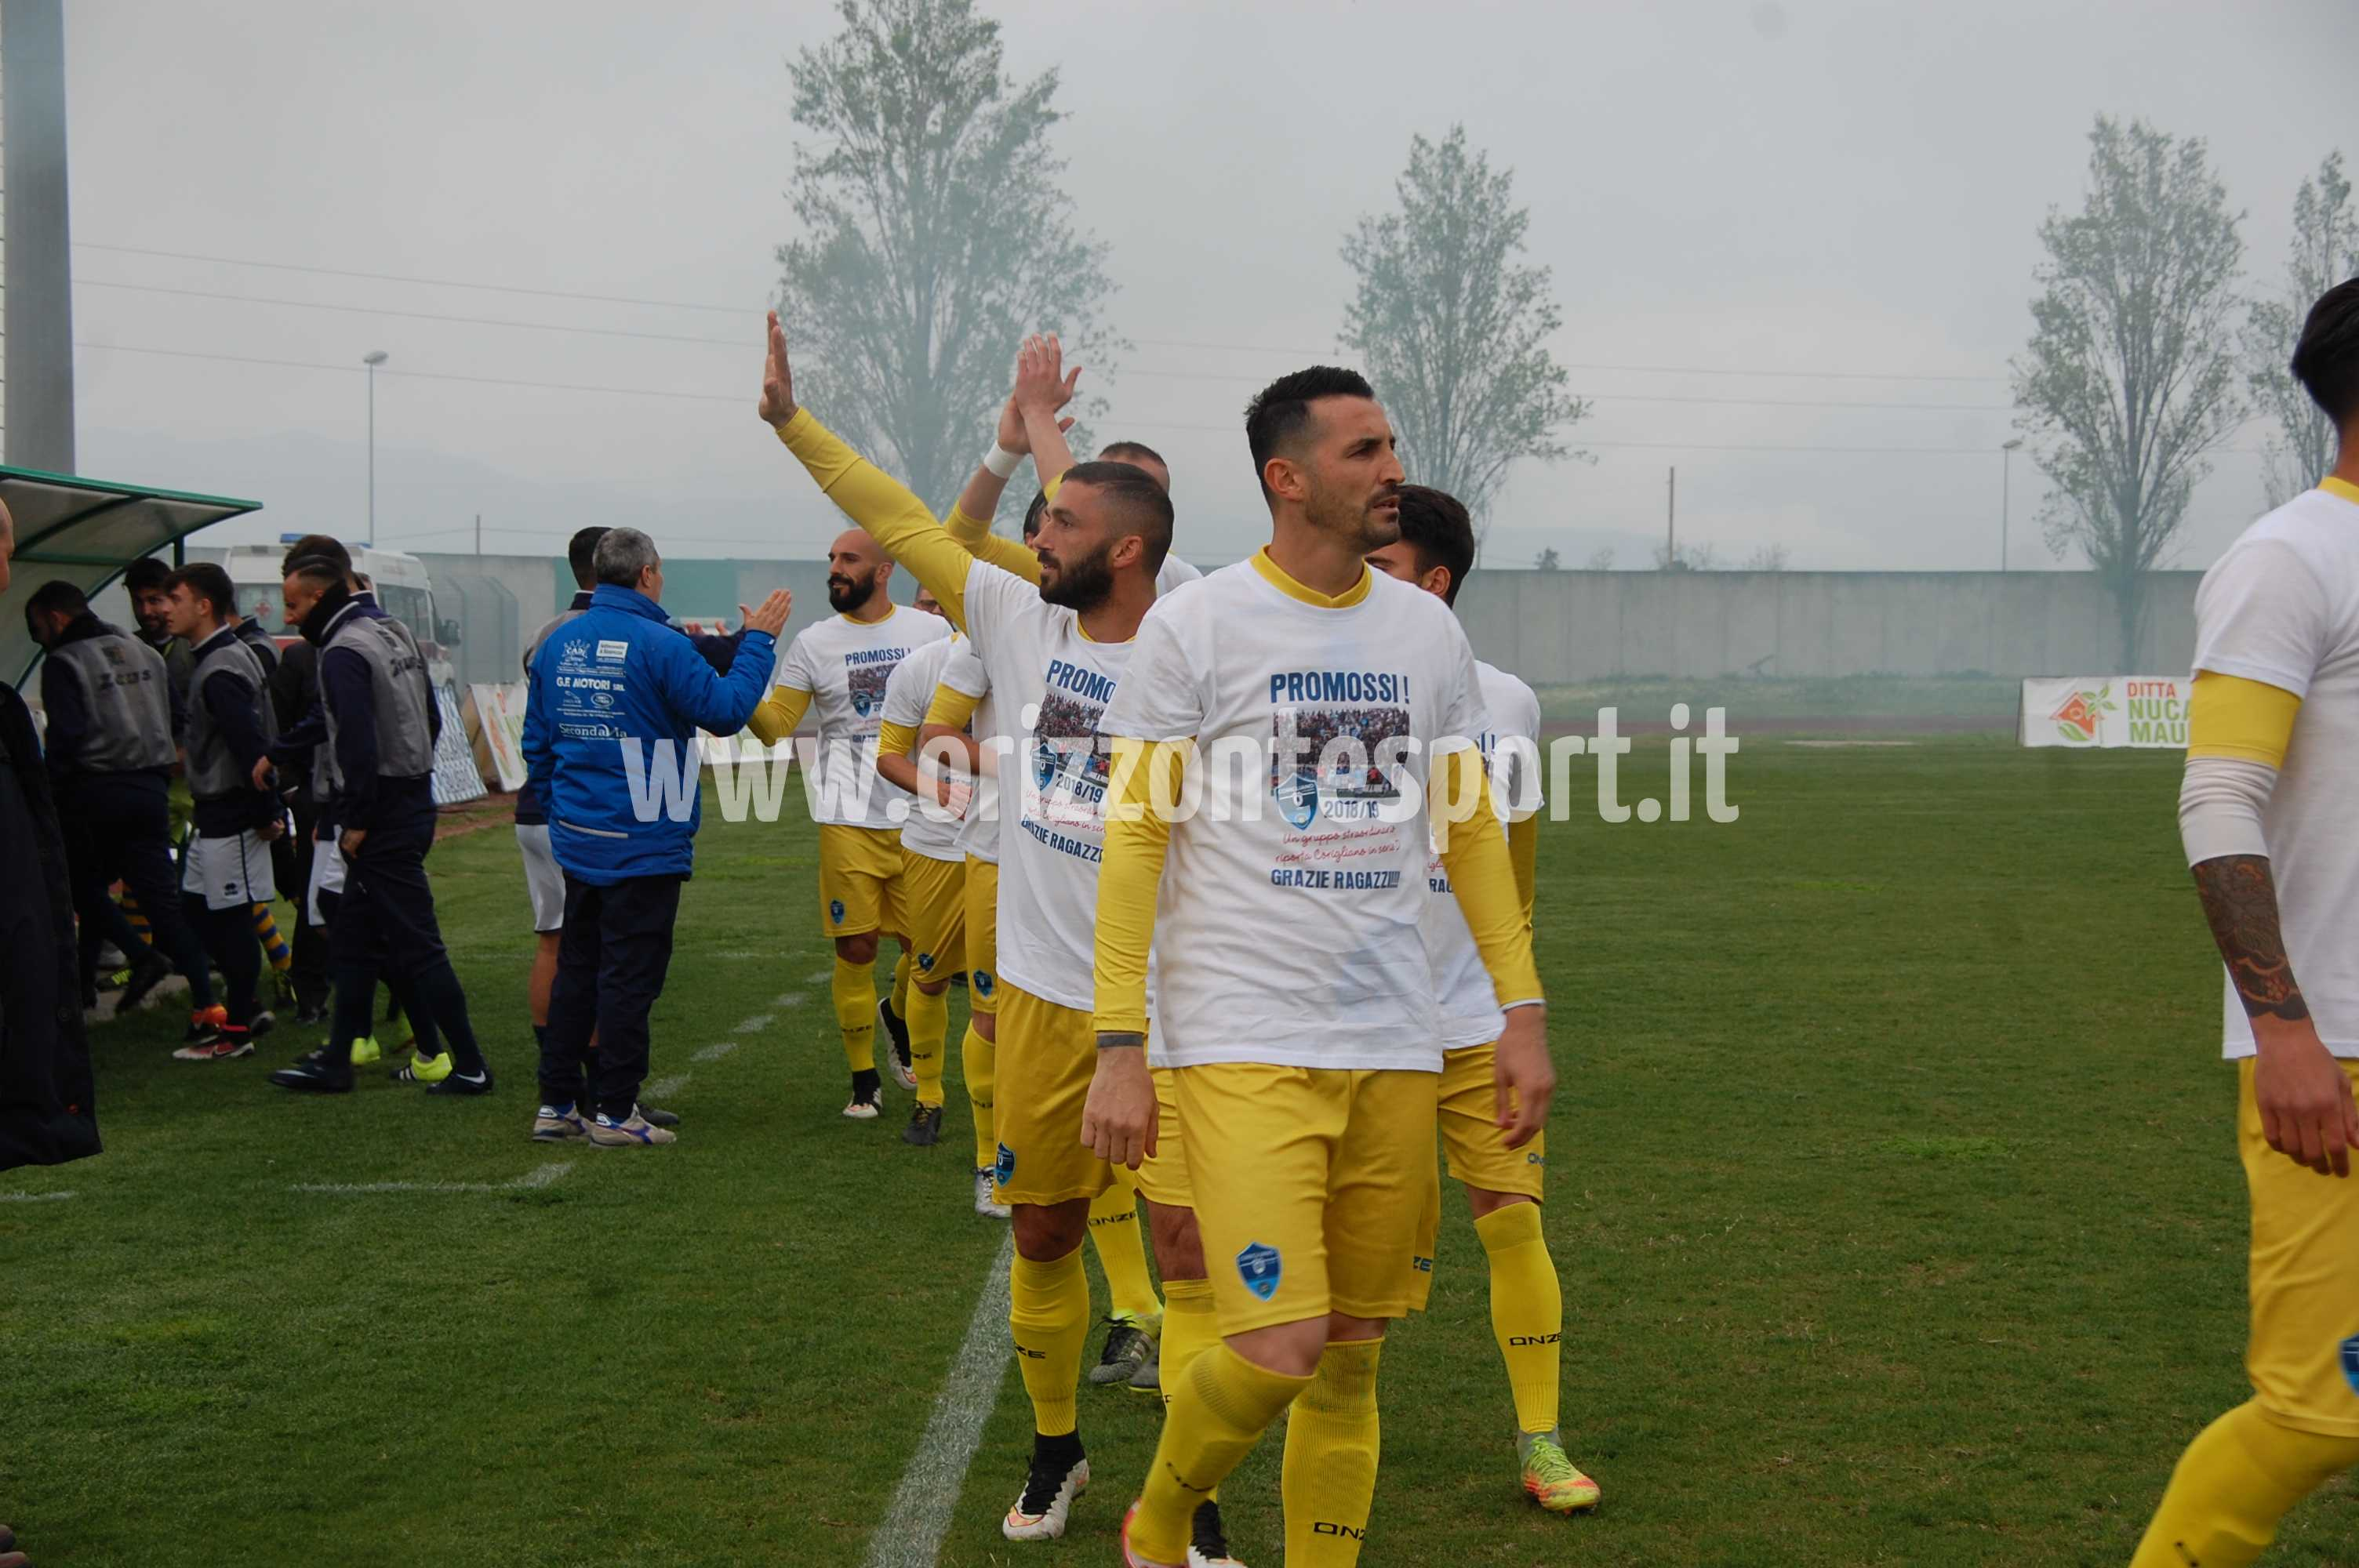 corigliano_reggiomediterranea (15)